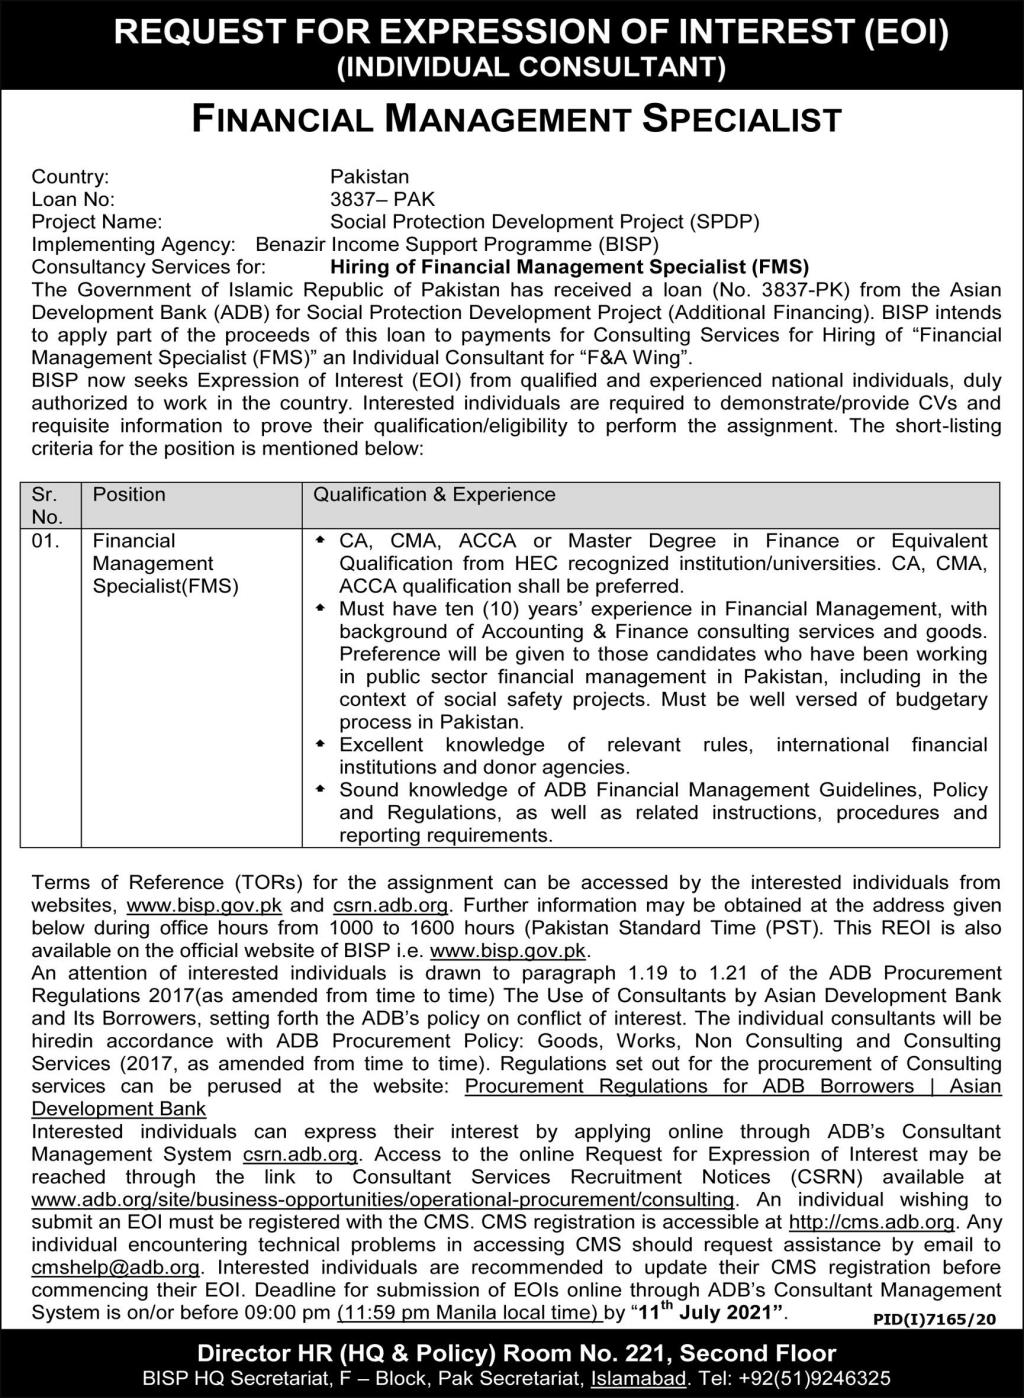 BISP Jobs June 2021 Advertisement - www.bisp.gov.pk Benazir Income Support Programme